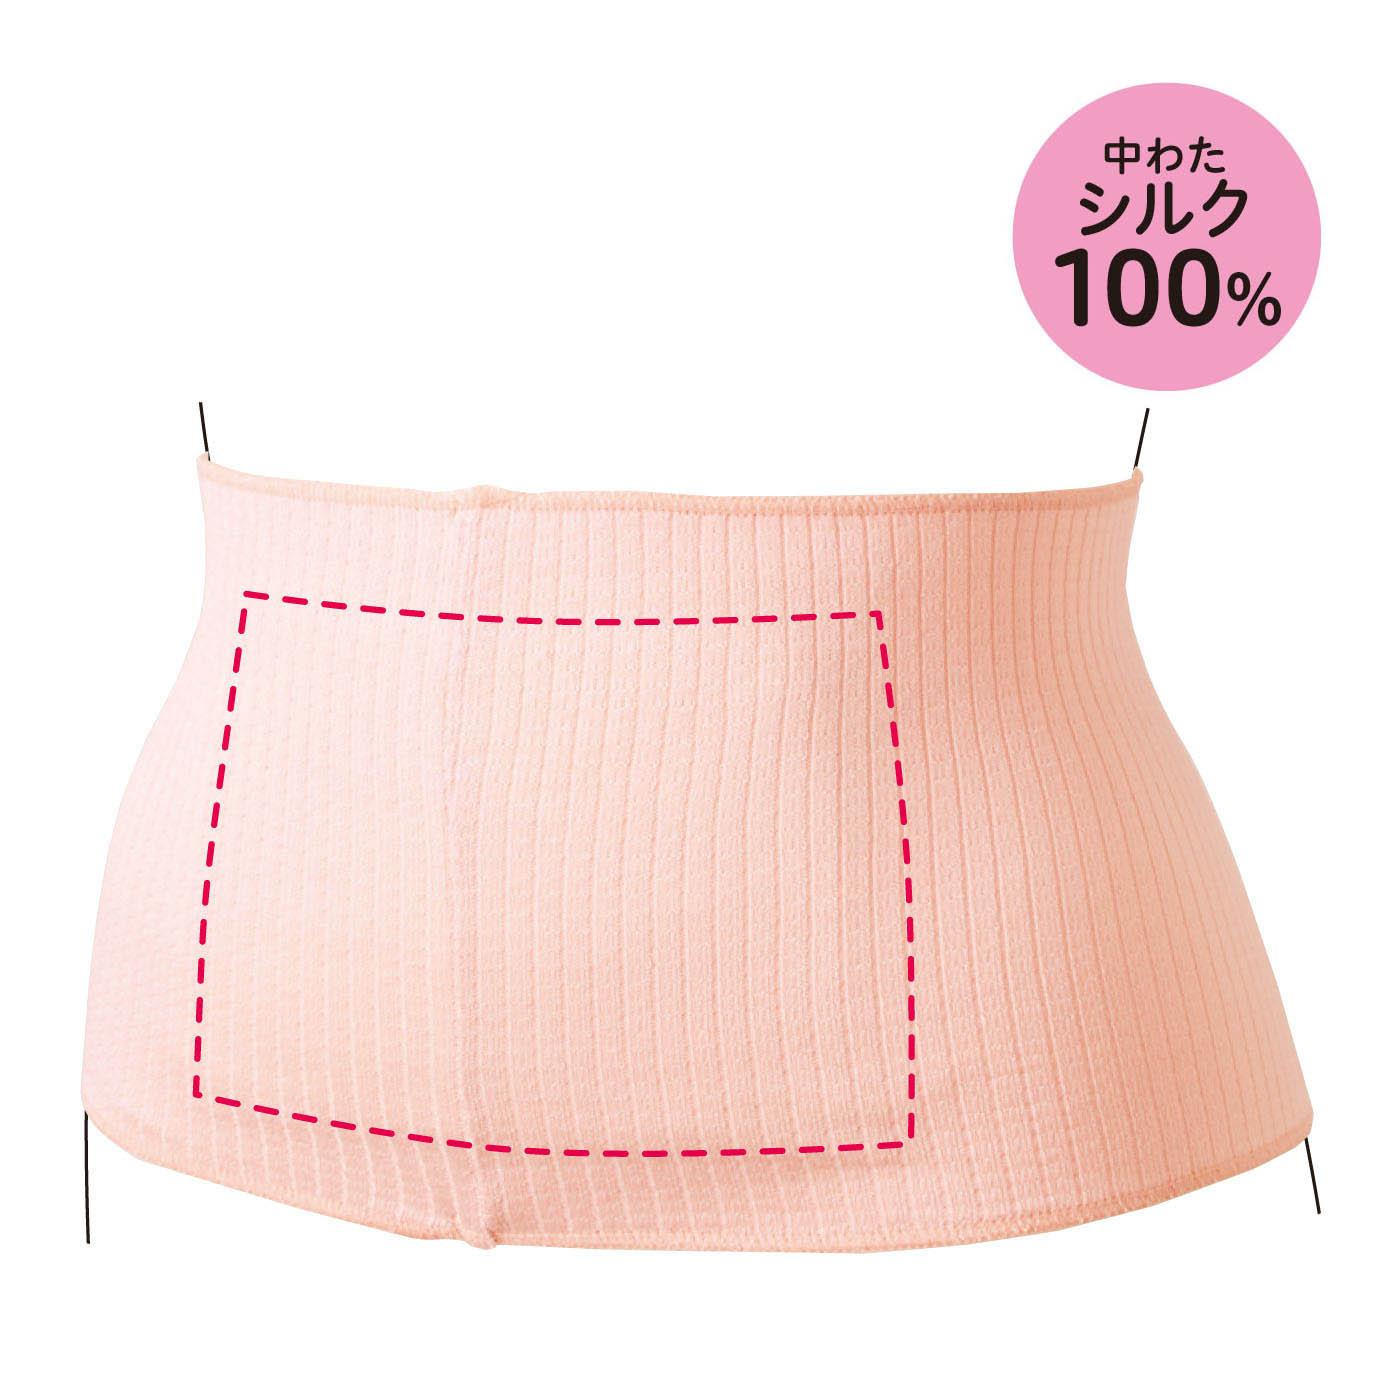 点線部分に真綿パッドを内蔵してあたたか。